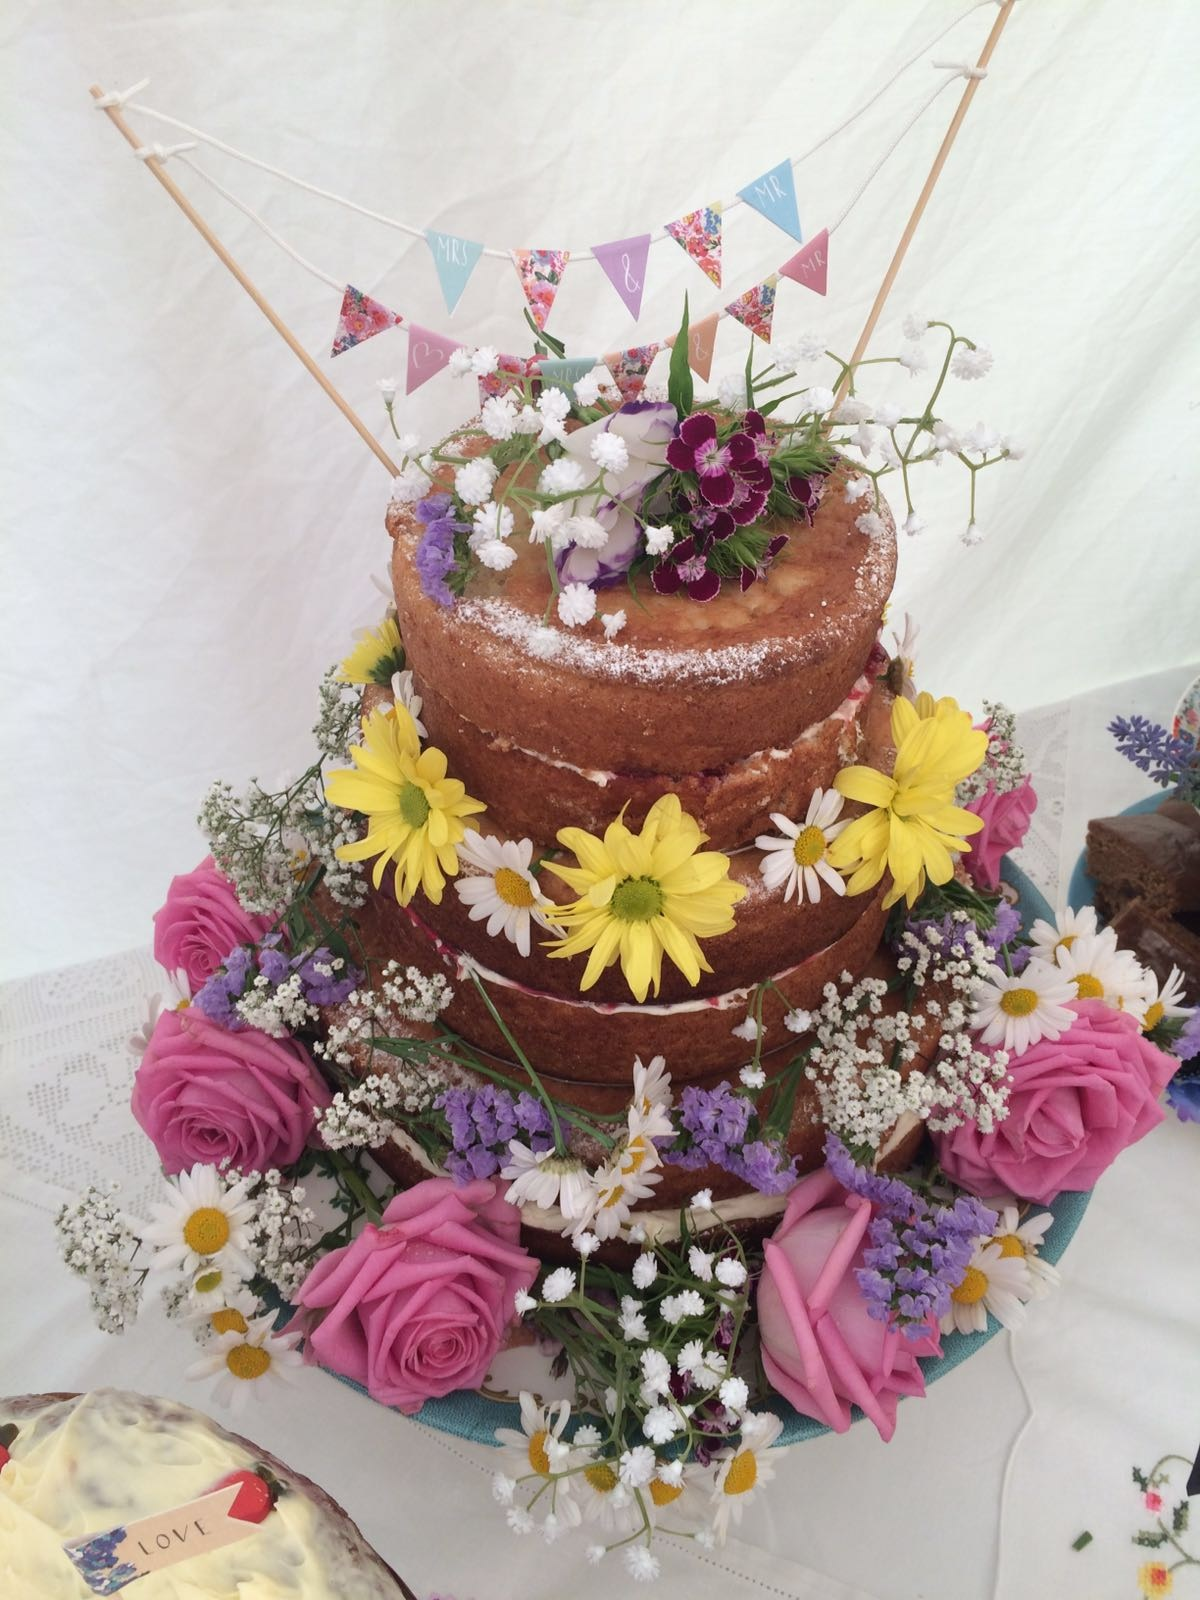 Week 1 - Wedding Cake